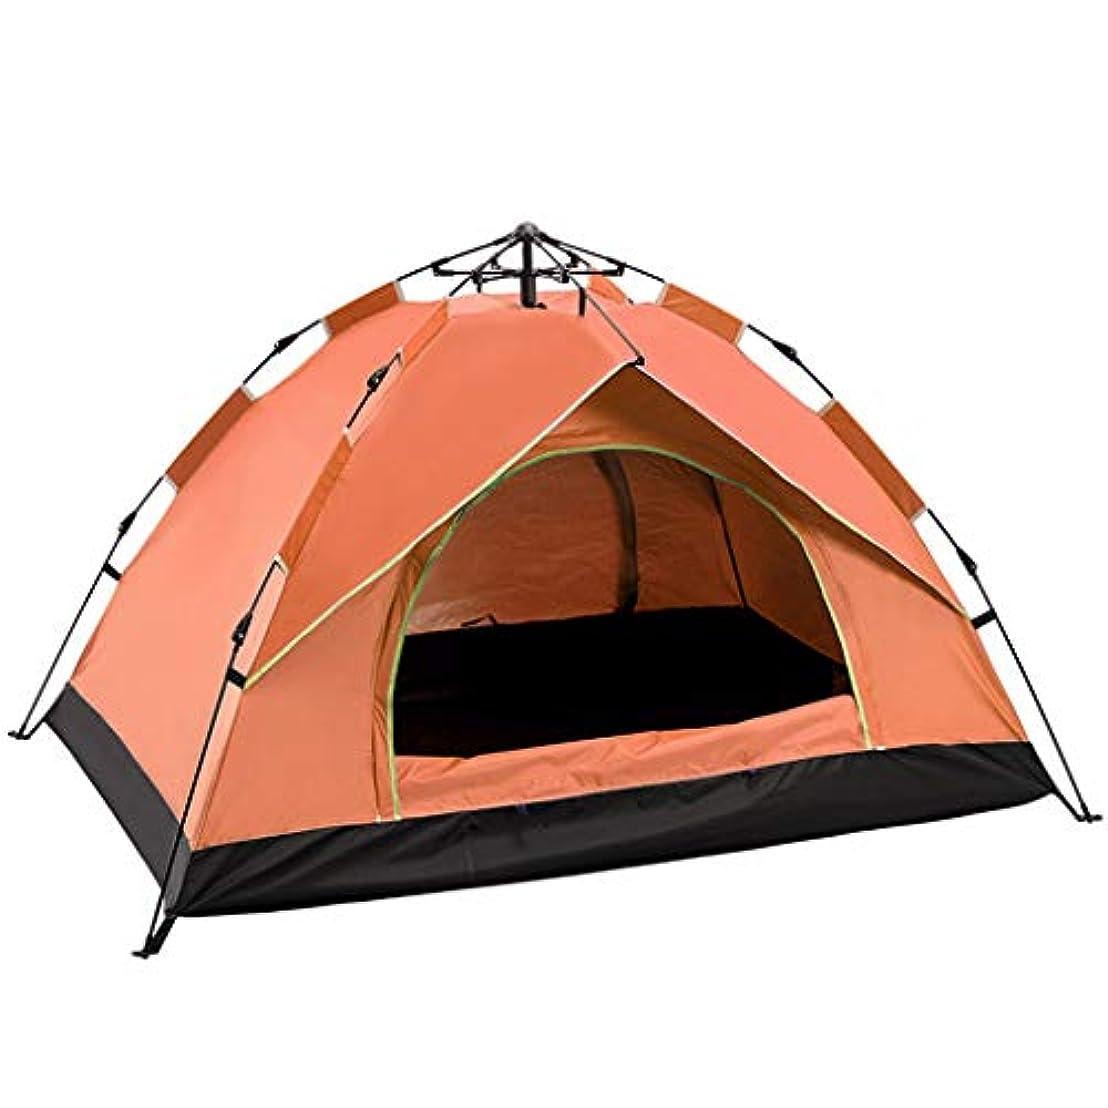 参加する保存するでもキャンプテント、2?4人防水ポータブル自動簡単セットアップポップアップテント用家族の休日屋外ハイキング旅行用